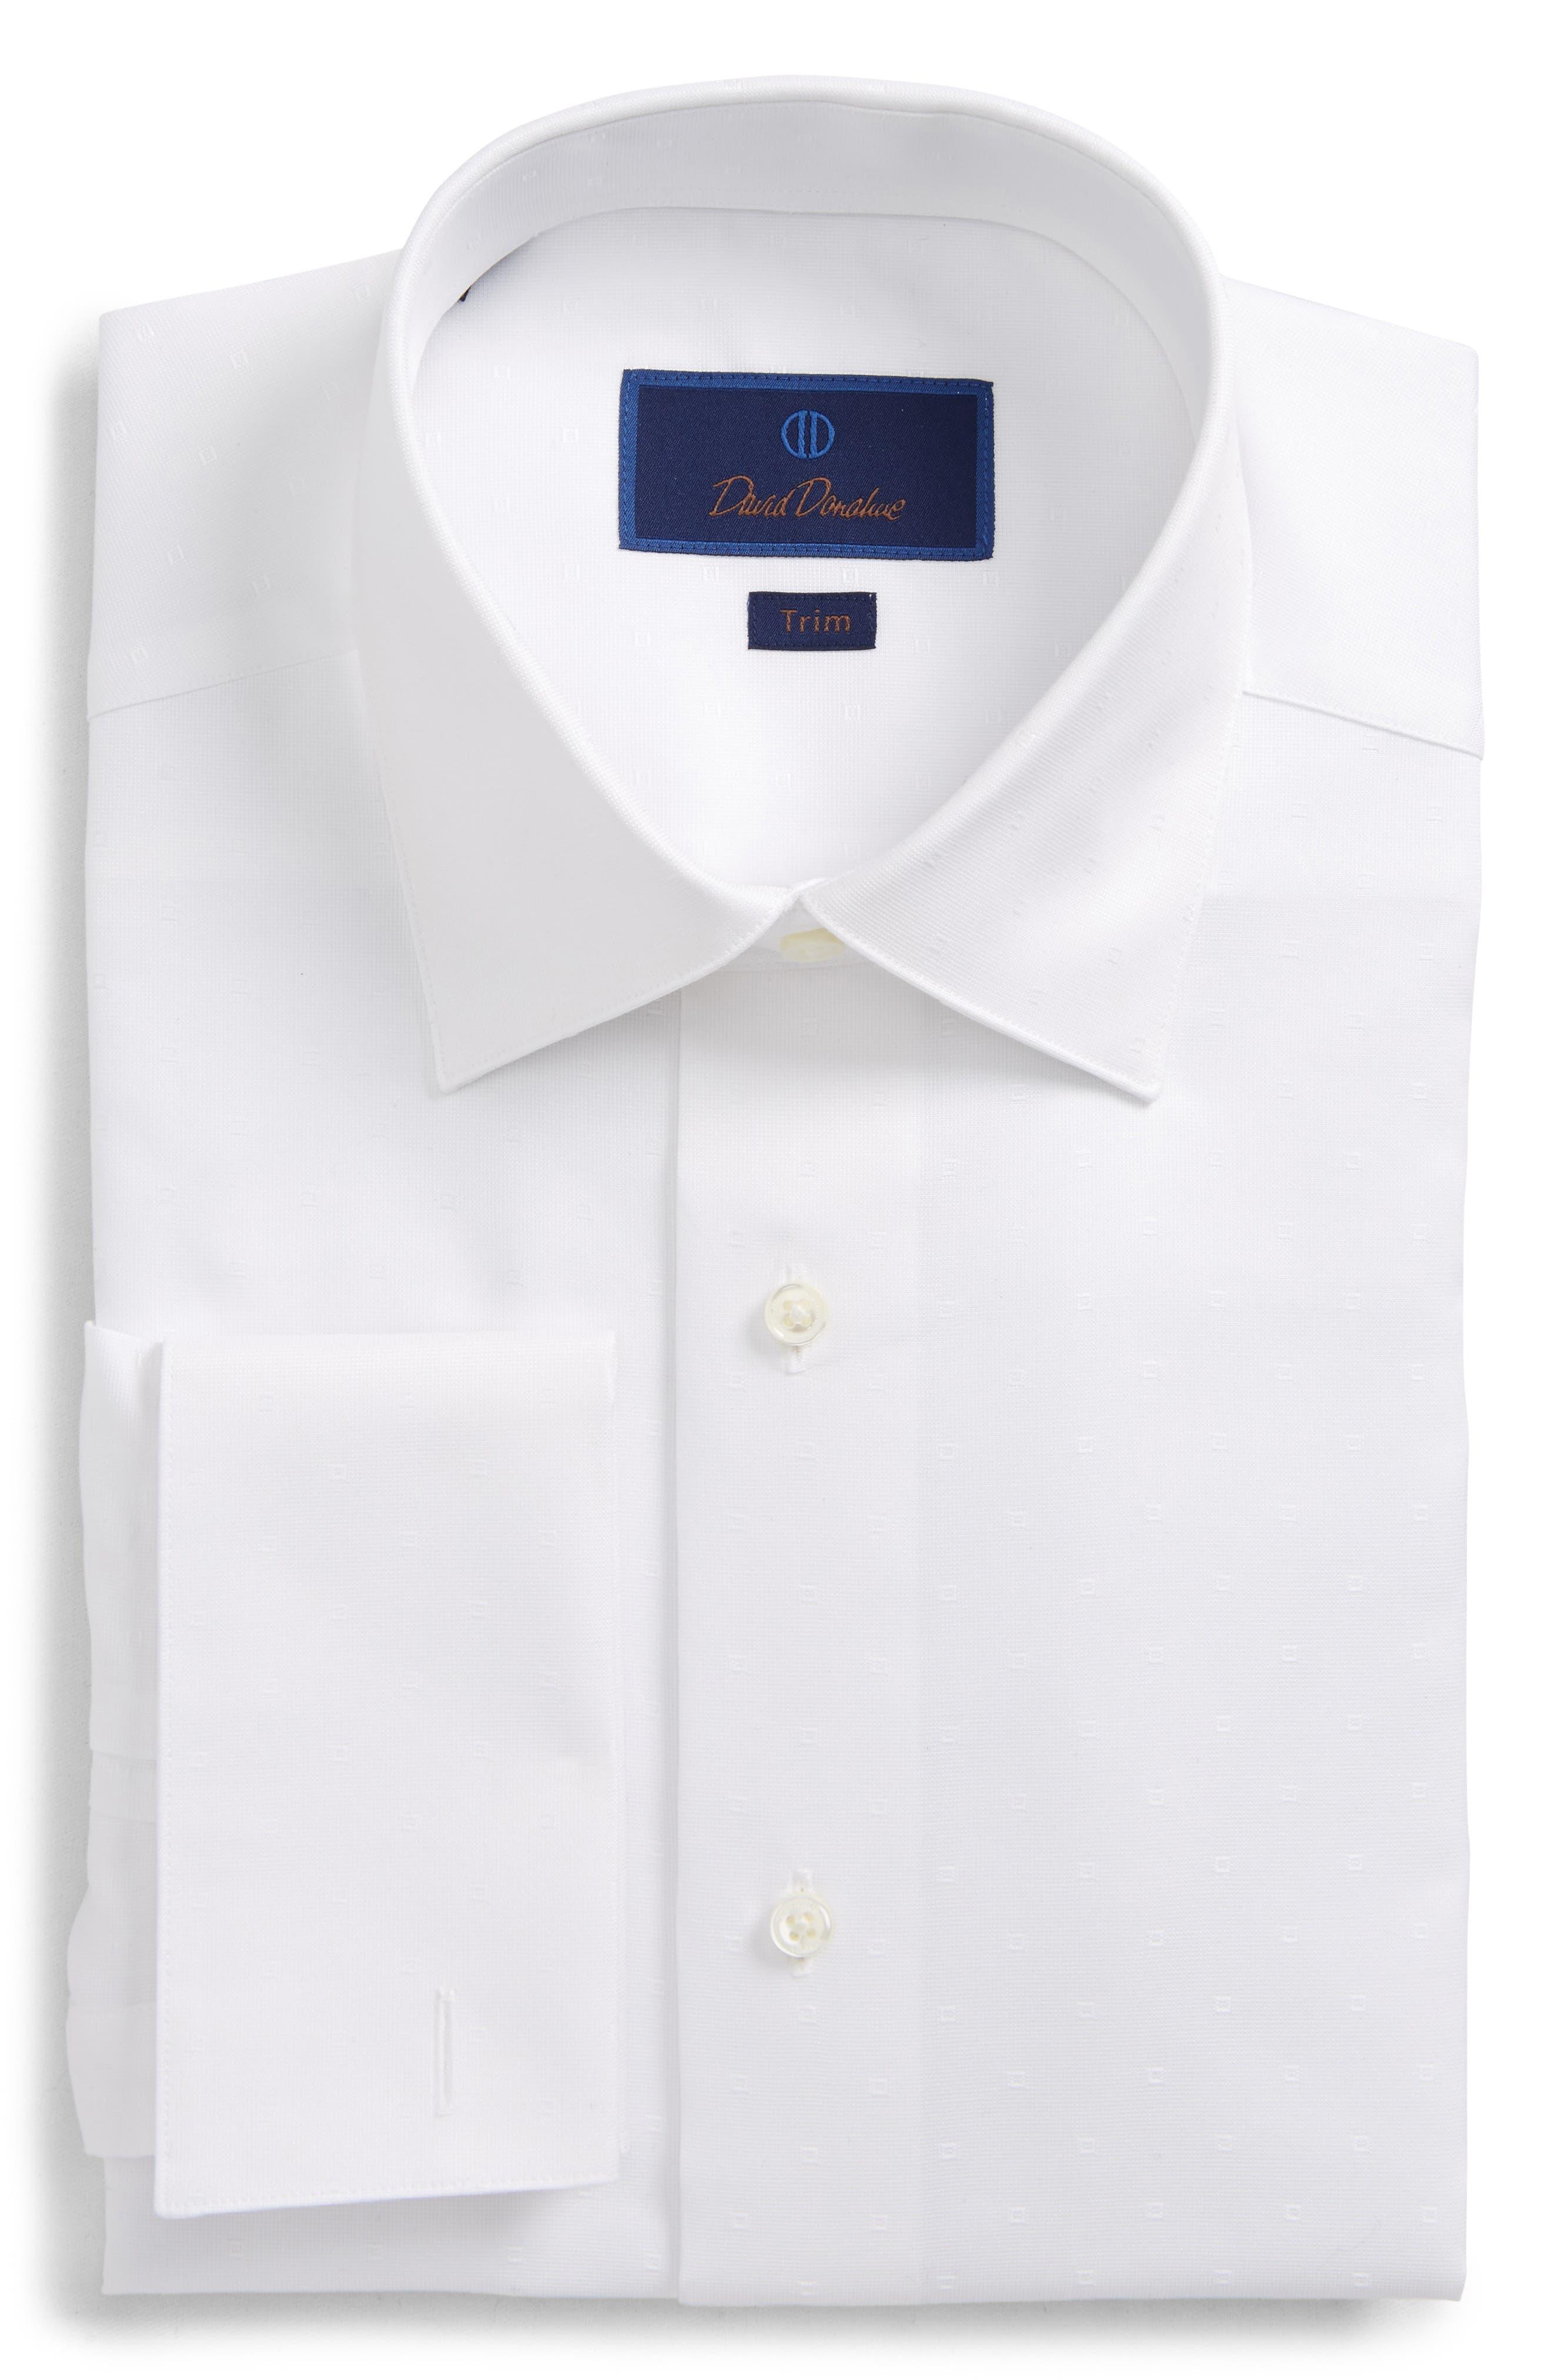 DAVID DONAHUE, Trim Fit Tuxedo Shirt, Main thumbnail 1, color, WHITE